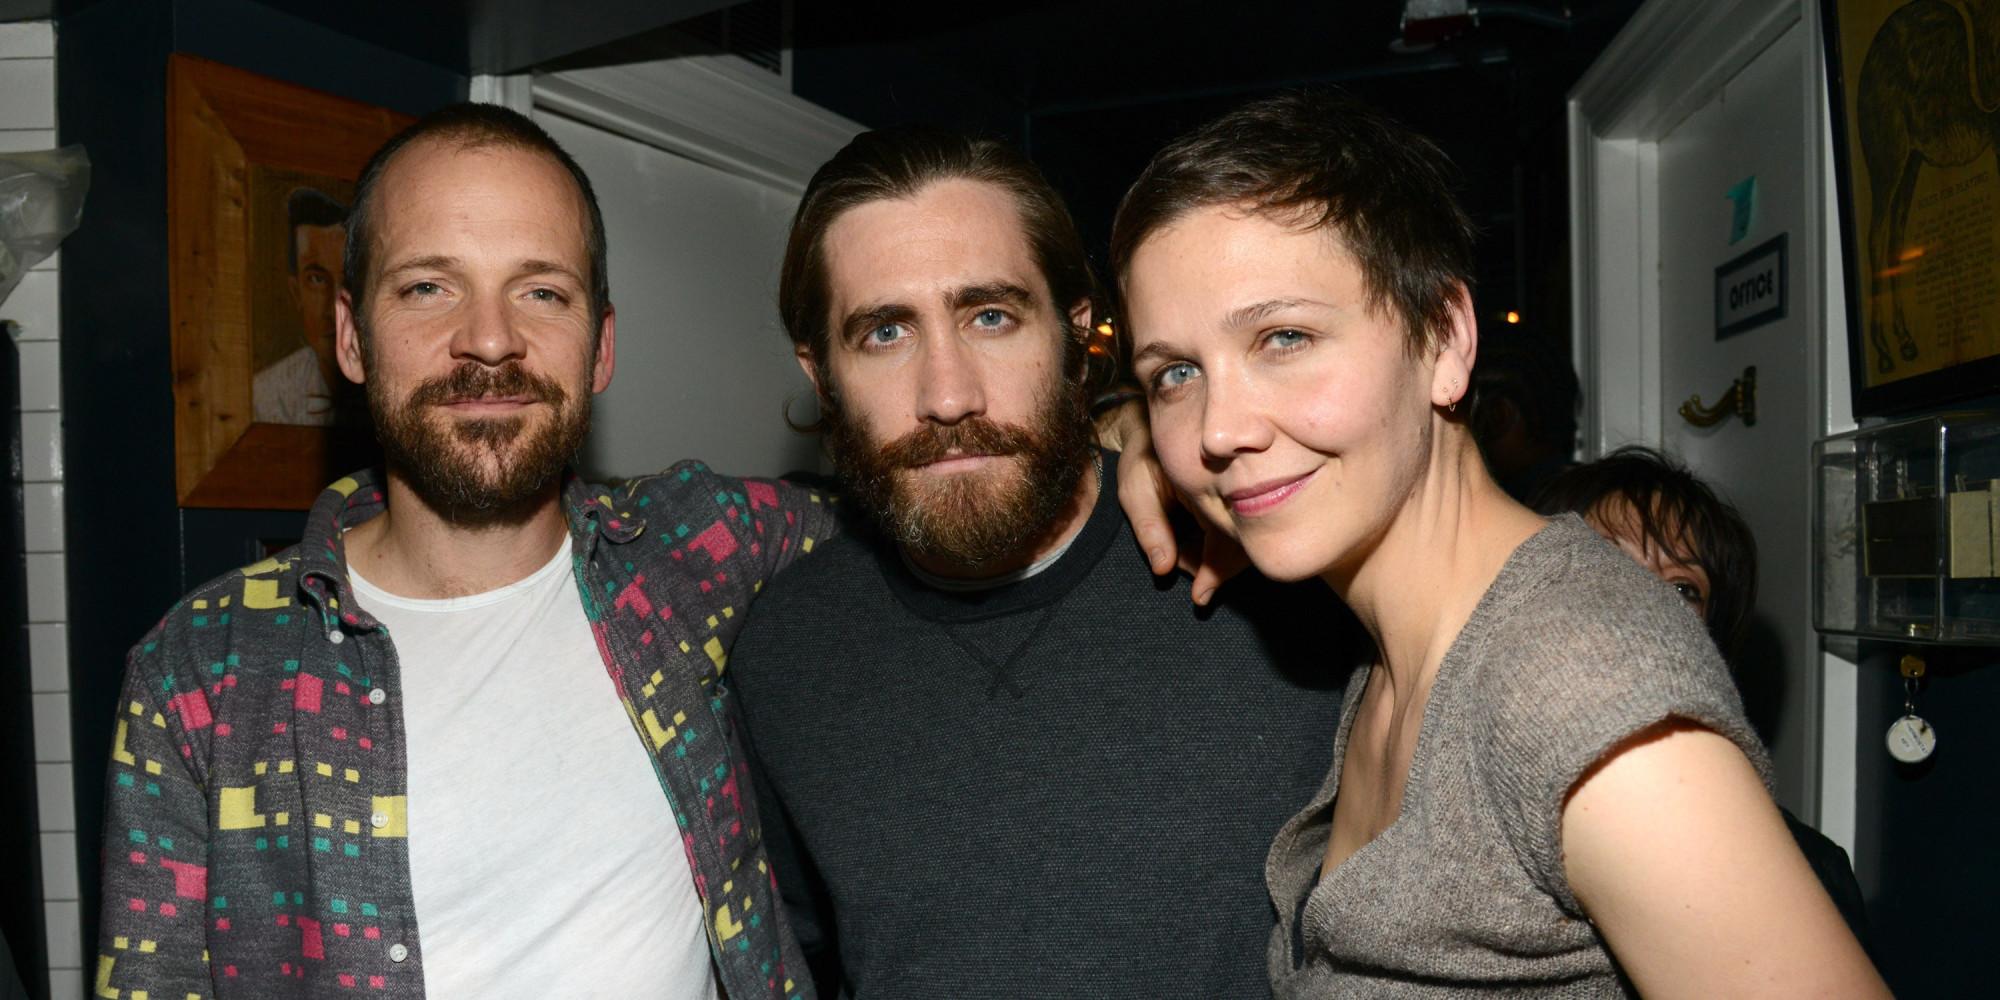 JAKE-GYLLENHAAL-MAGGIE-GYLLENHAAL-facebook jpgJake Gyllenhaal And Maggie Gyllenhaal Kiss